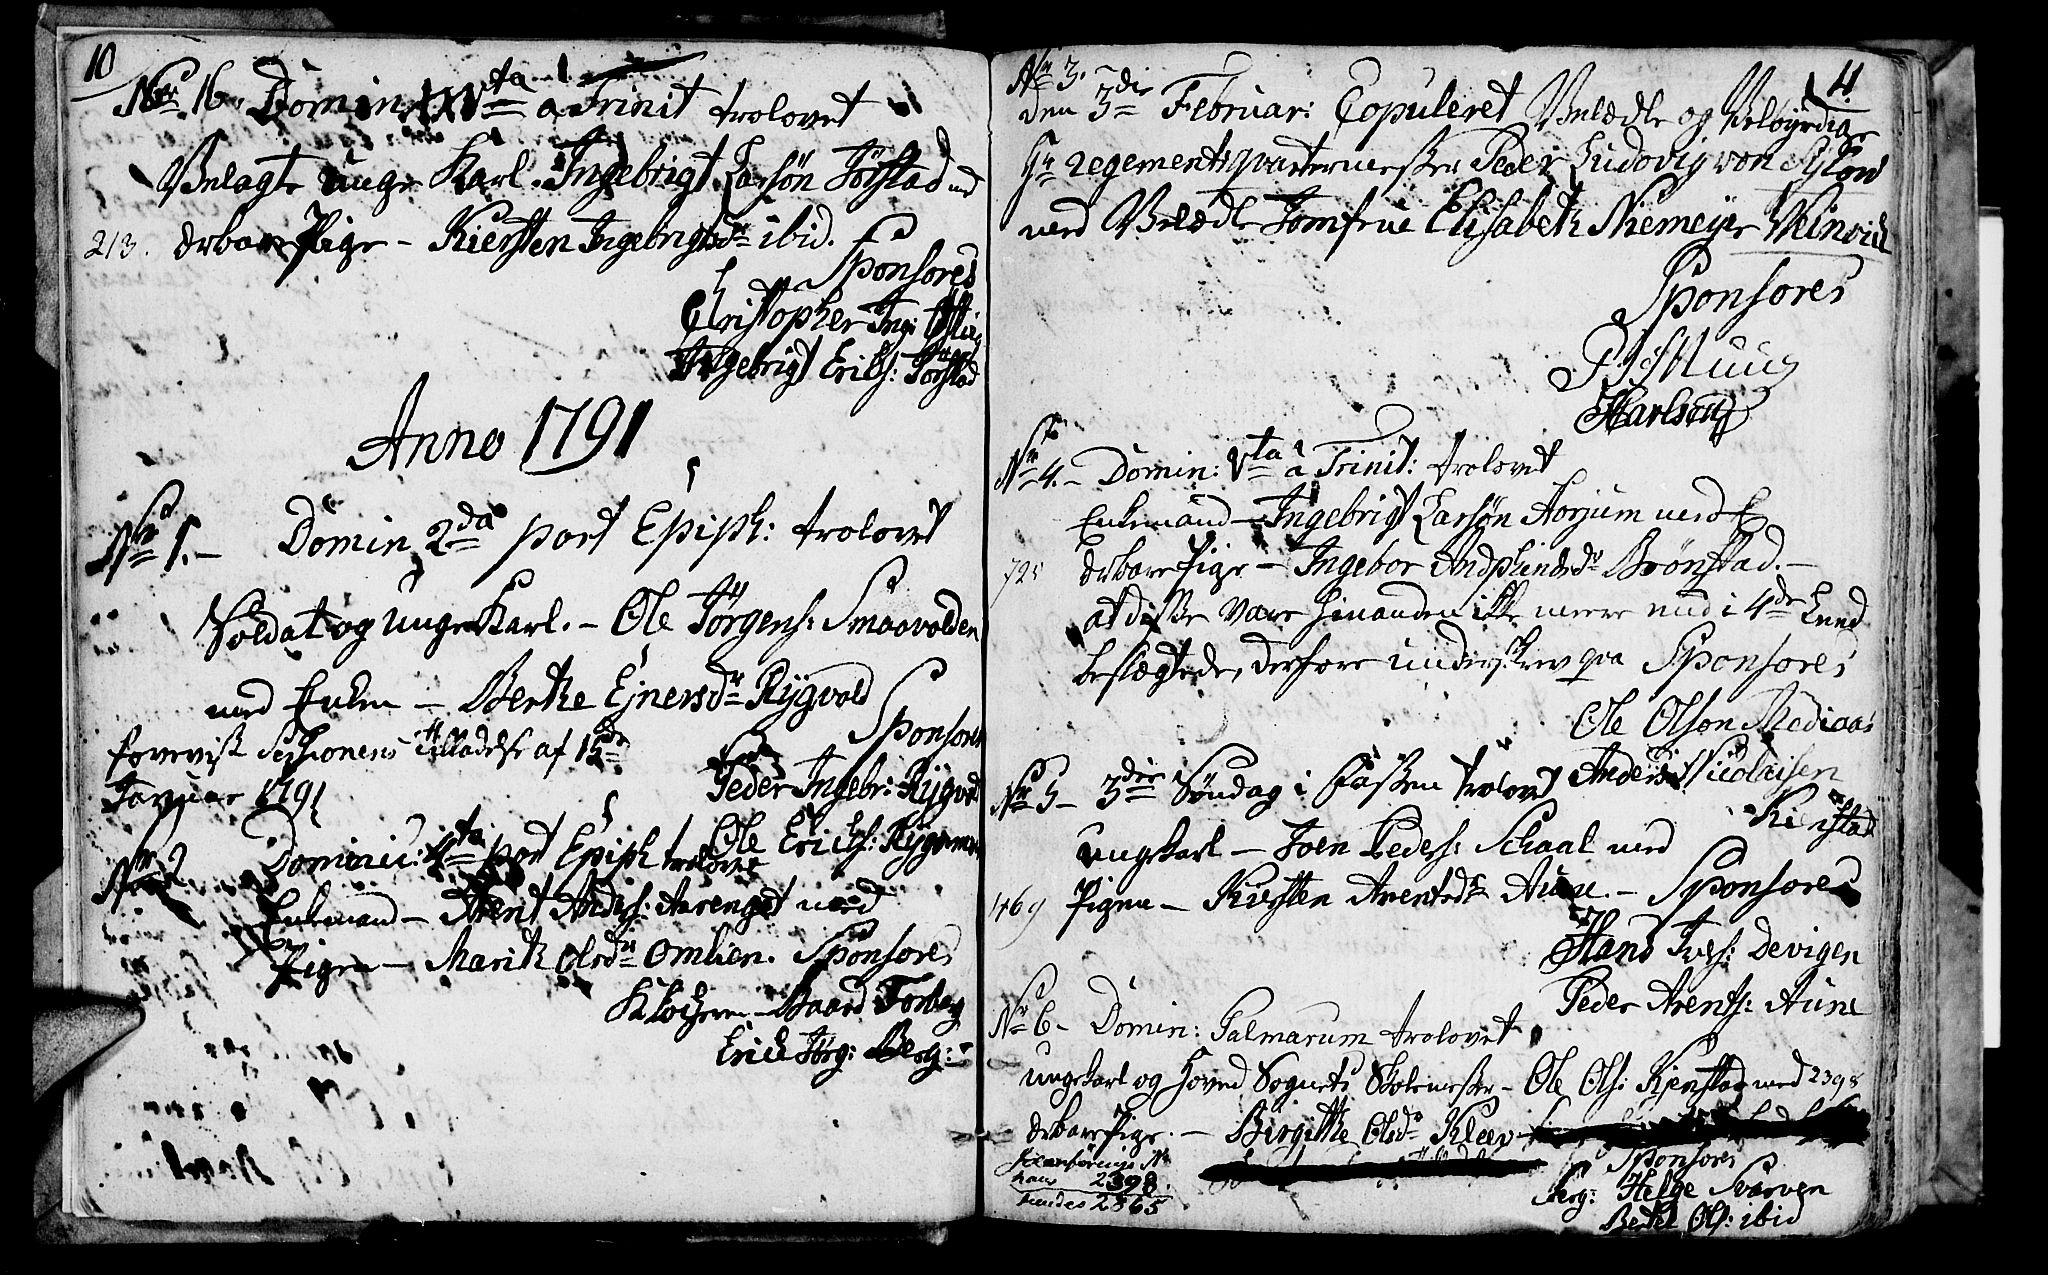 SAT, Ministerialprotokoller, klokkerbøker og fødselsregistre - Nord-Trøndelag, 749/L0468: Ministerialbok nr. 749A02, 1787-1817, s. 10-11